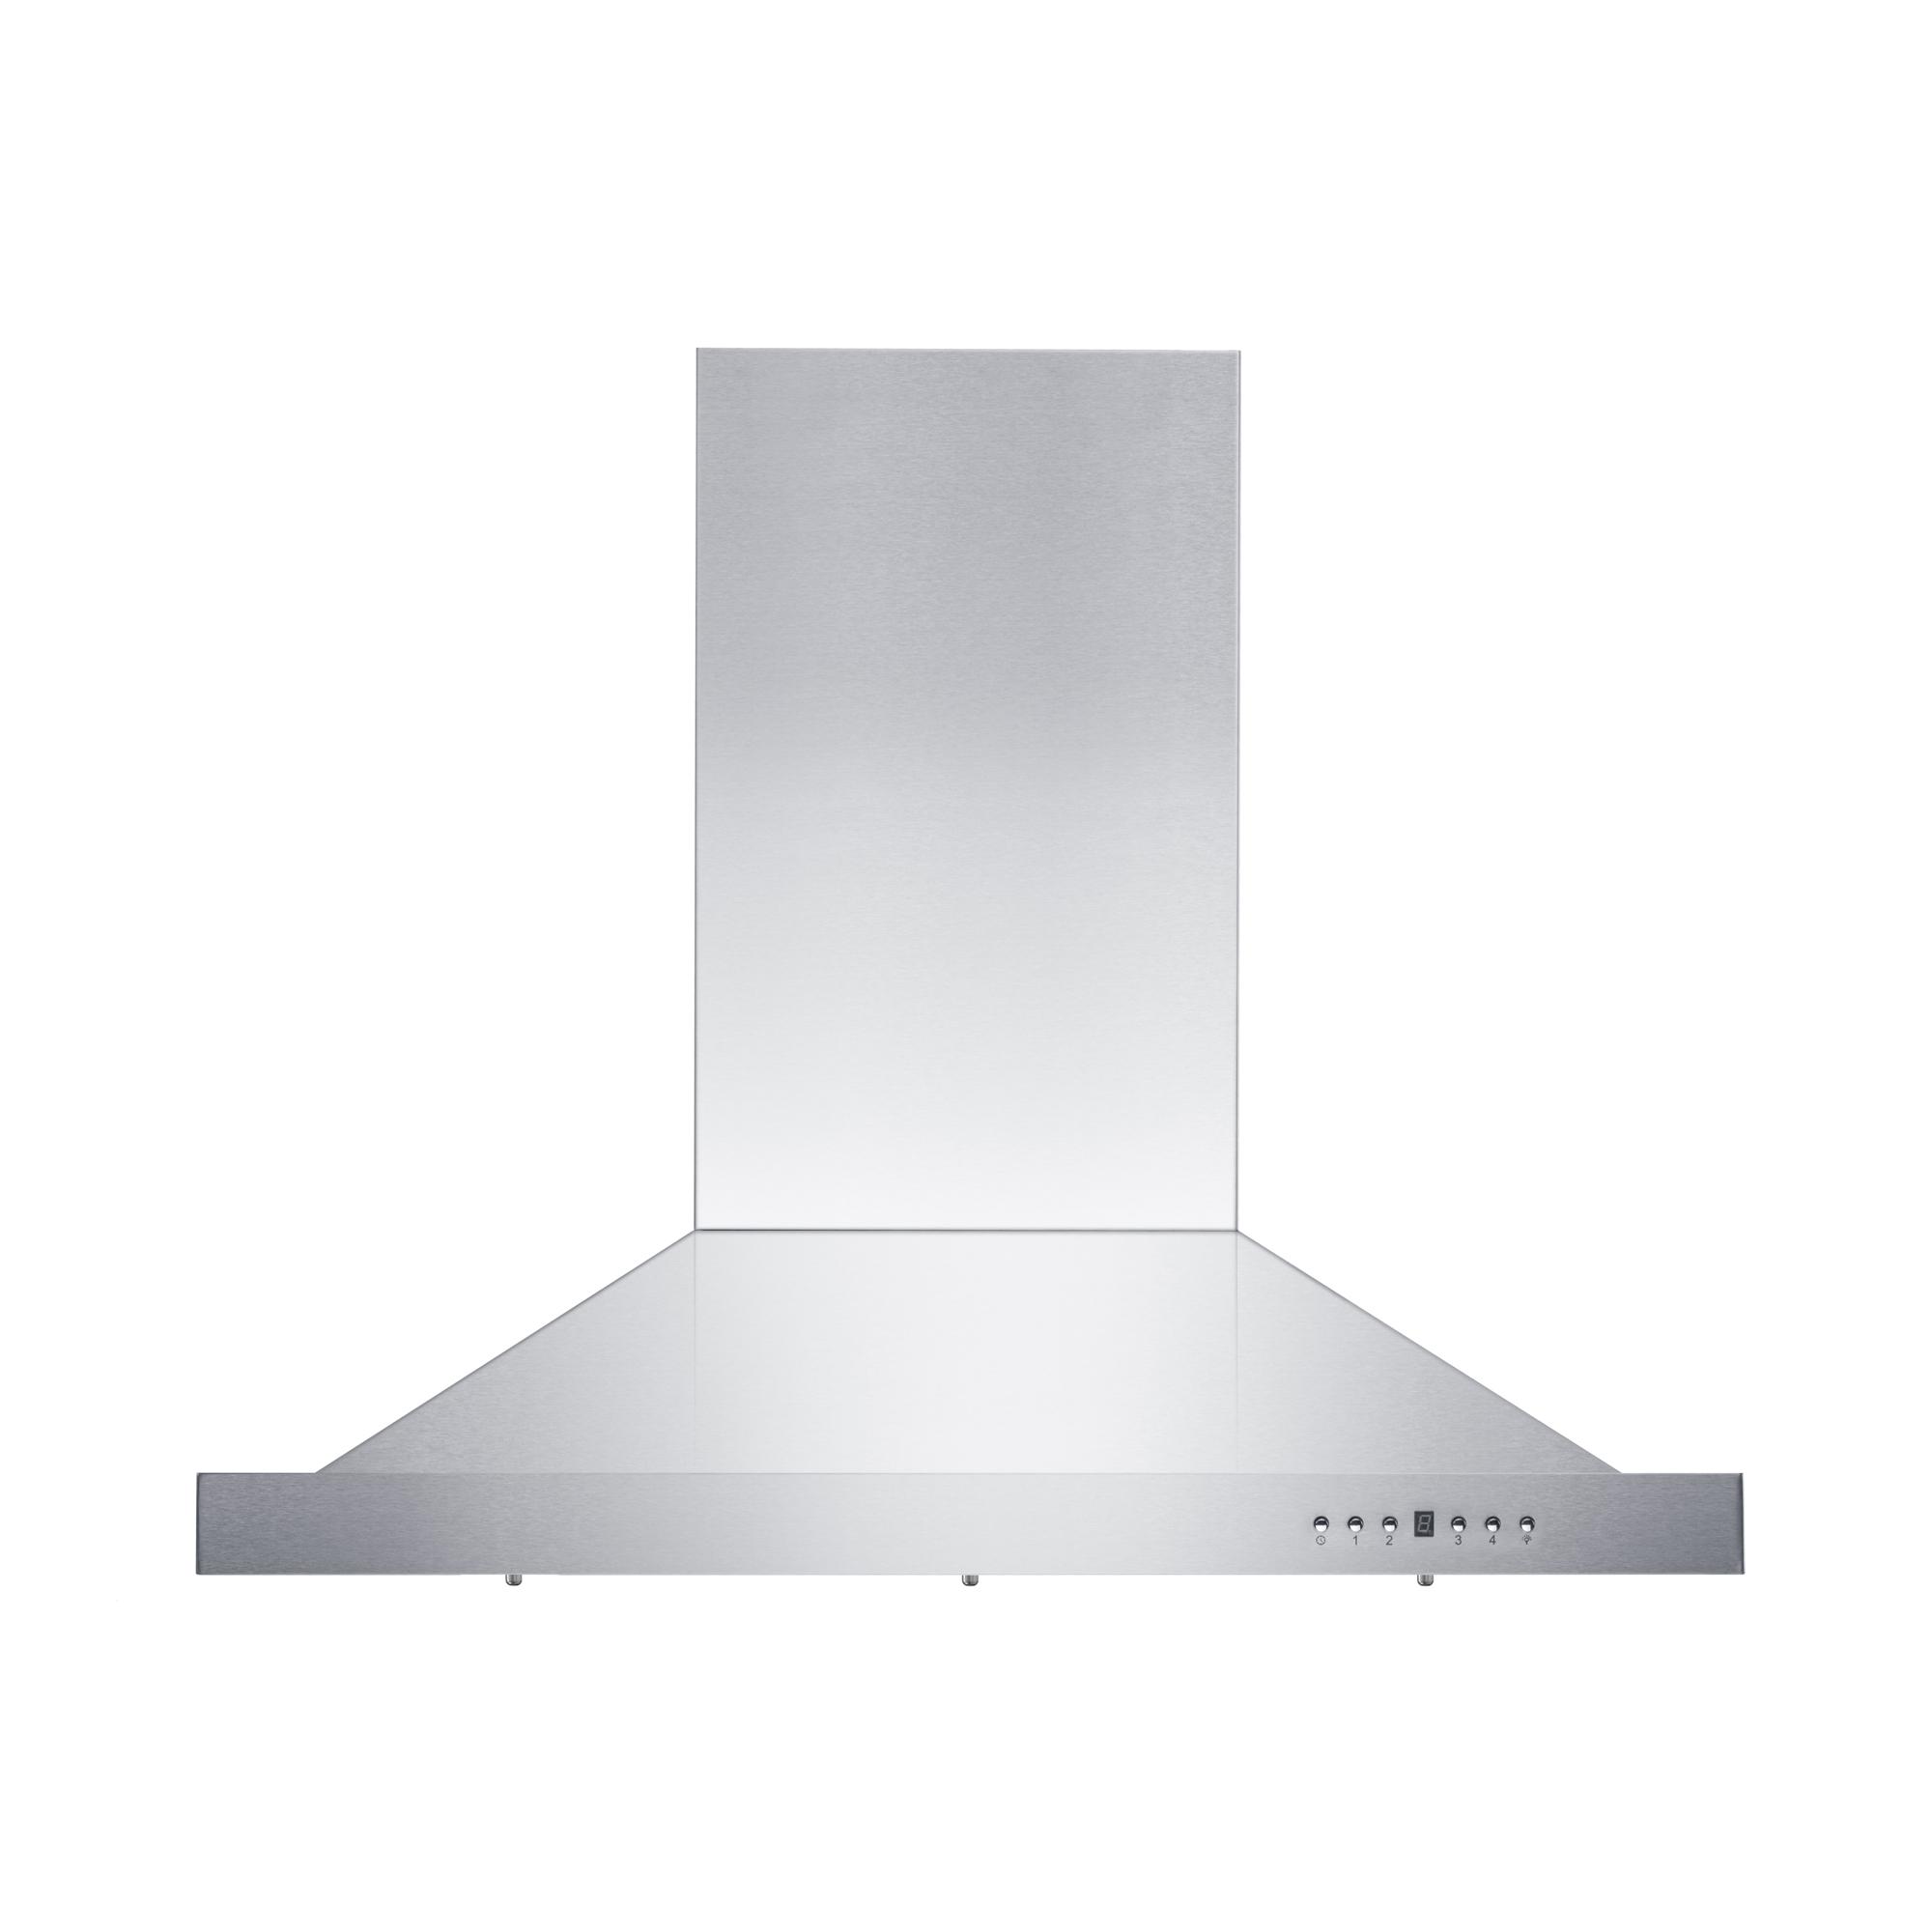 zline-stainless-steel-island-range-hood-GL2i-new-front.jpg